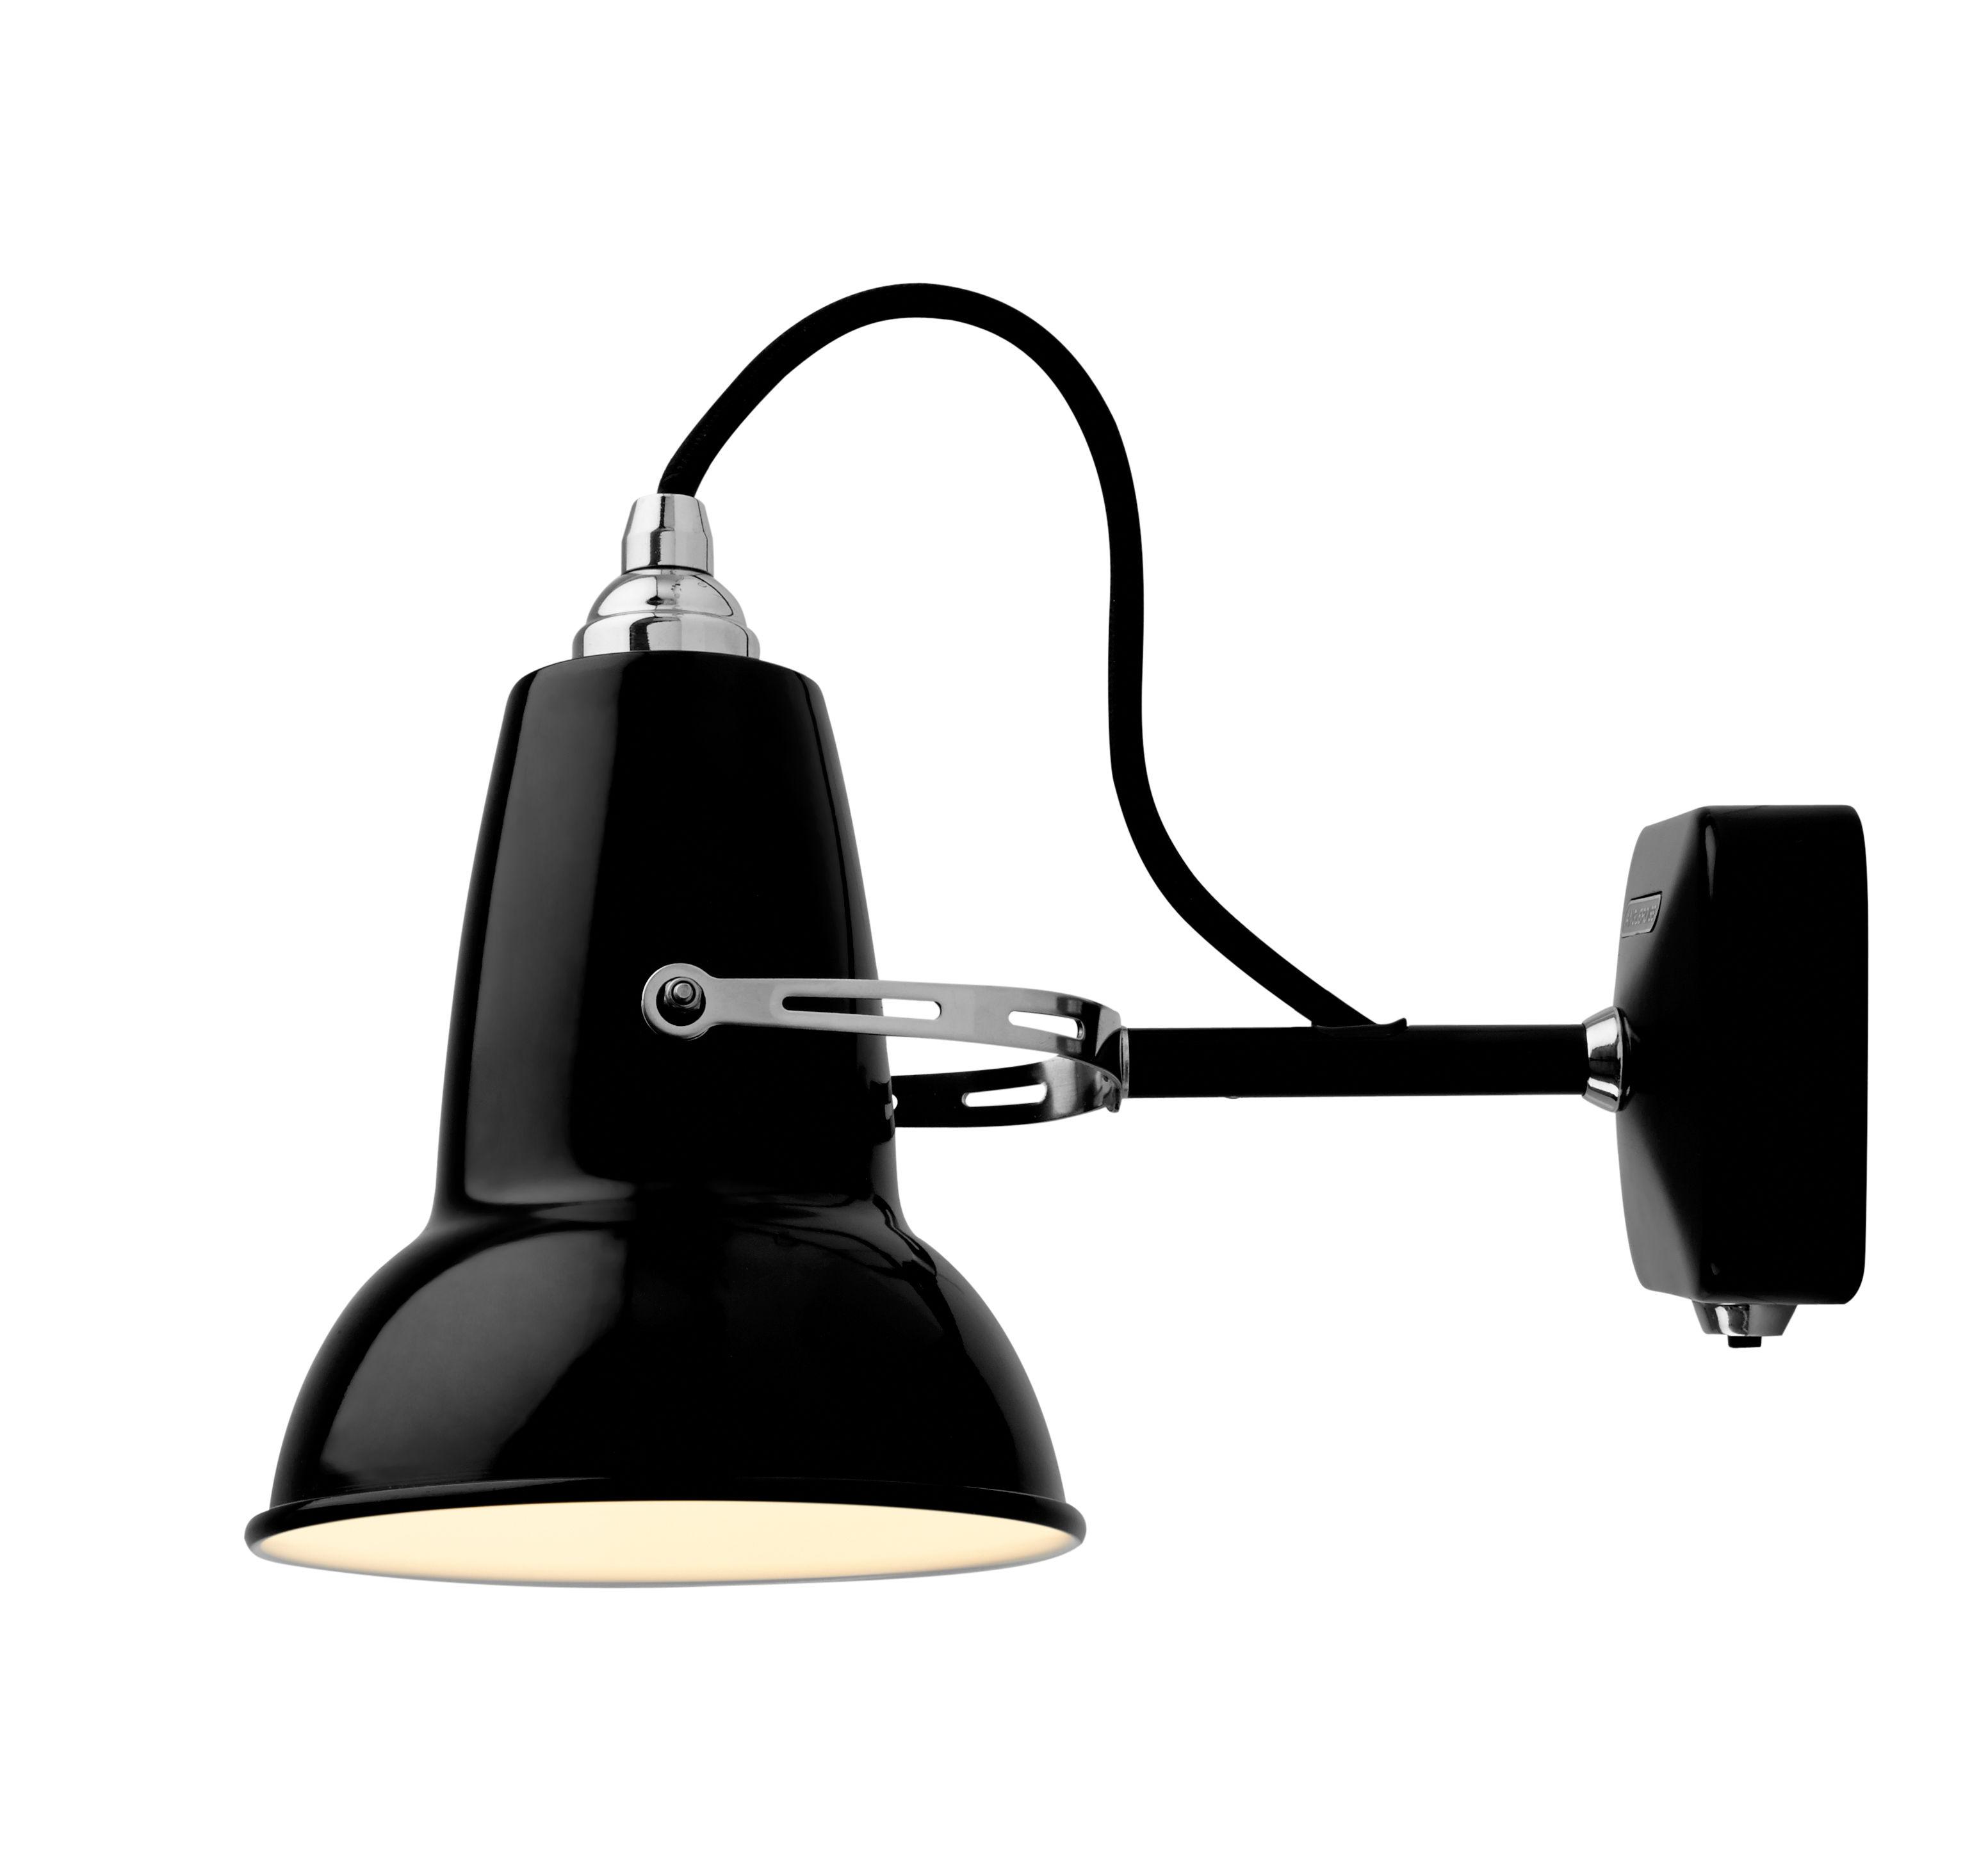 Luminaire - Appliques - Applique Original 1227 Mini / Métal - Anglepoise - Noir Jet - Acier, Fonte d'aluminium